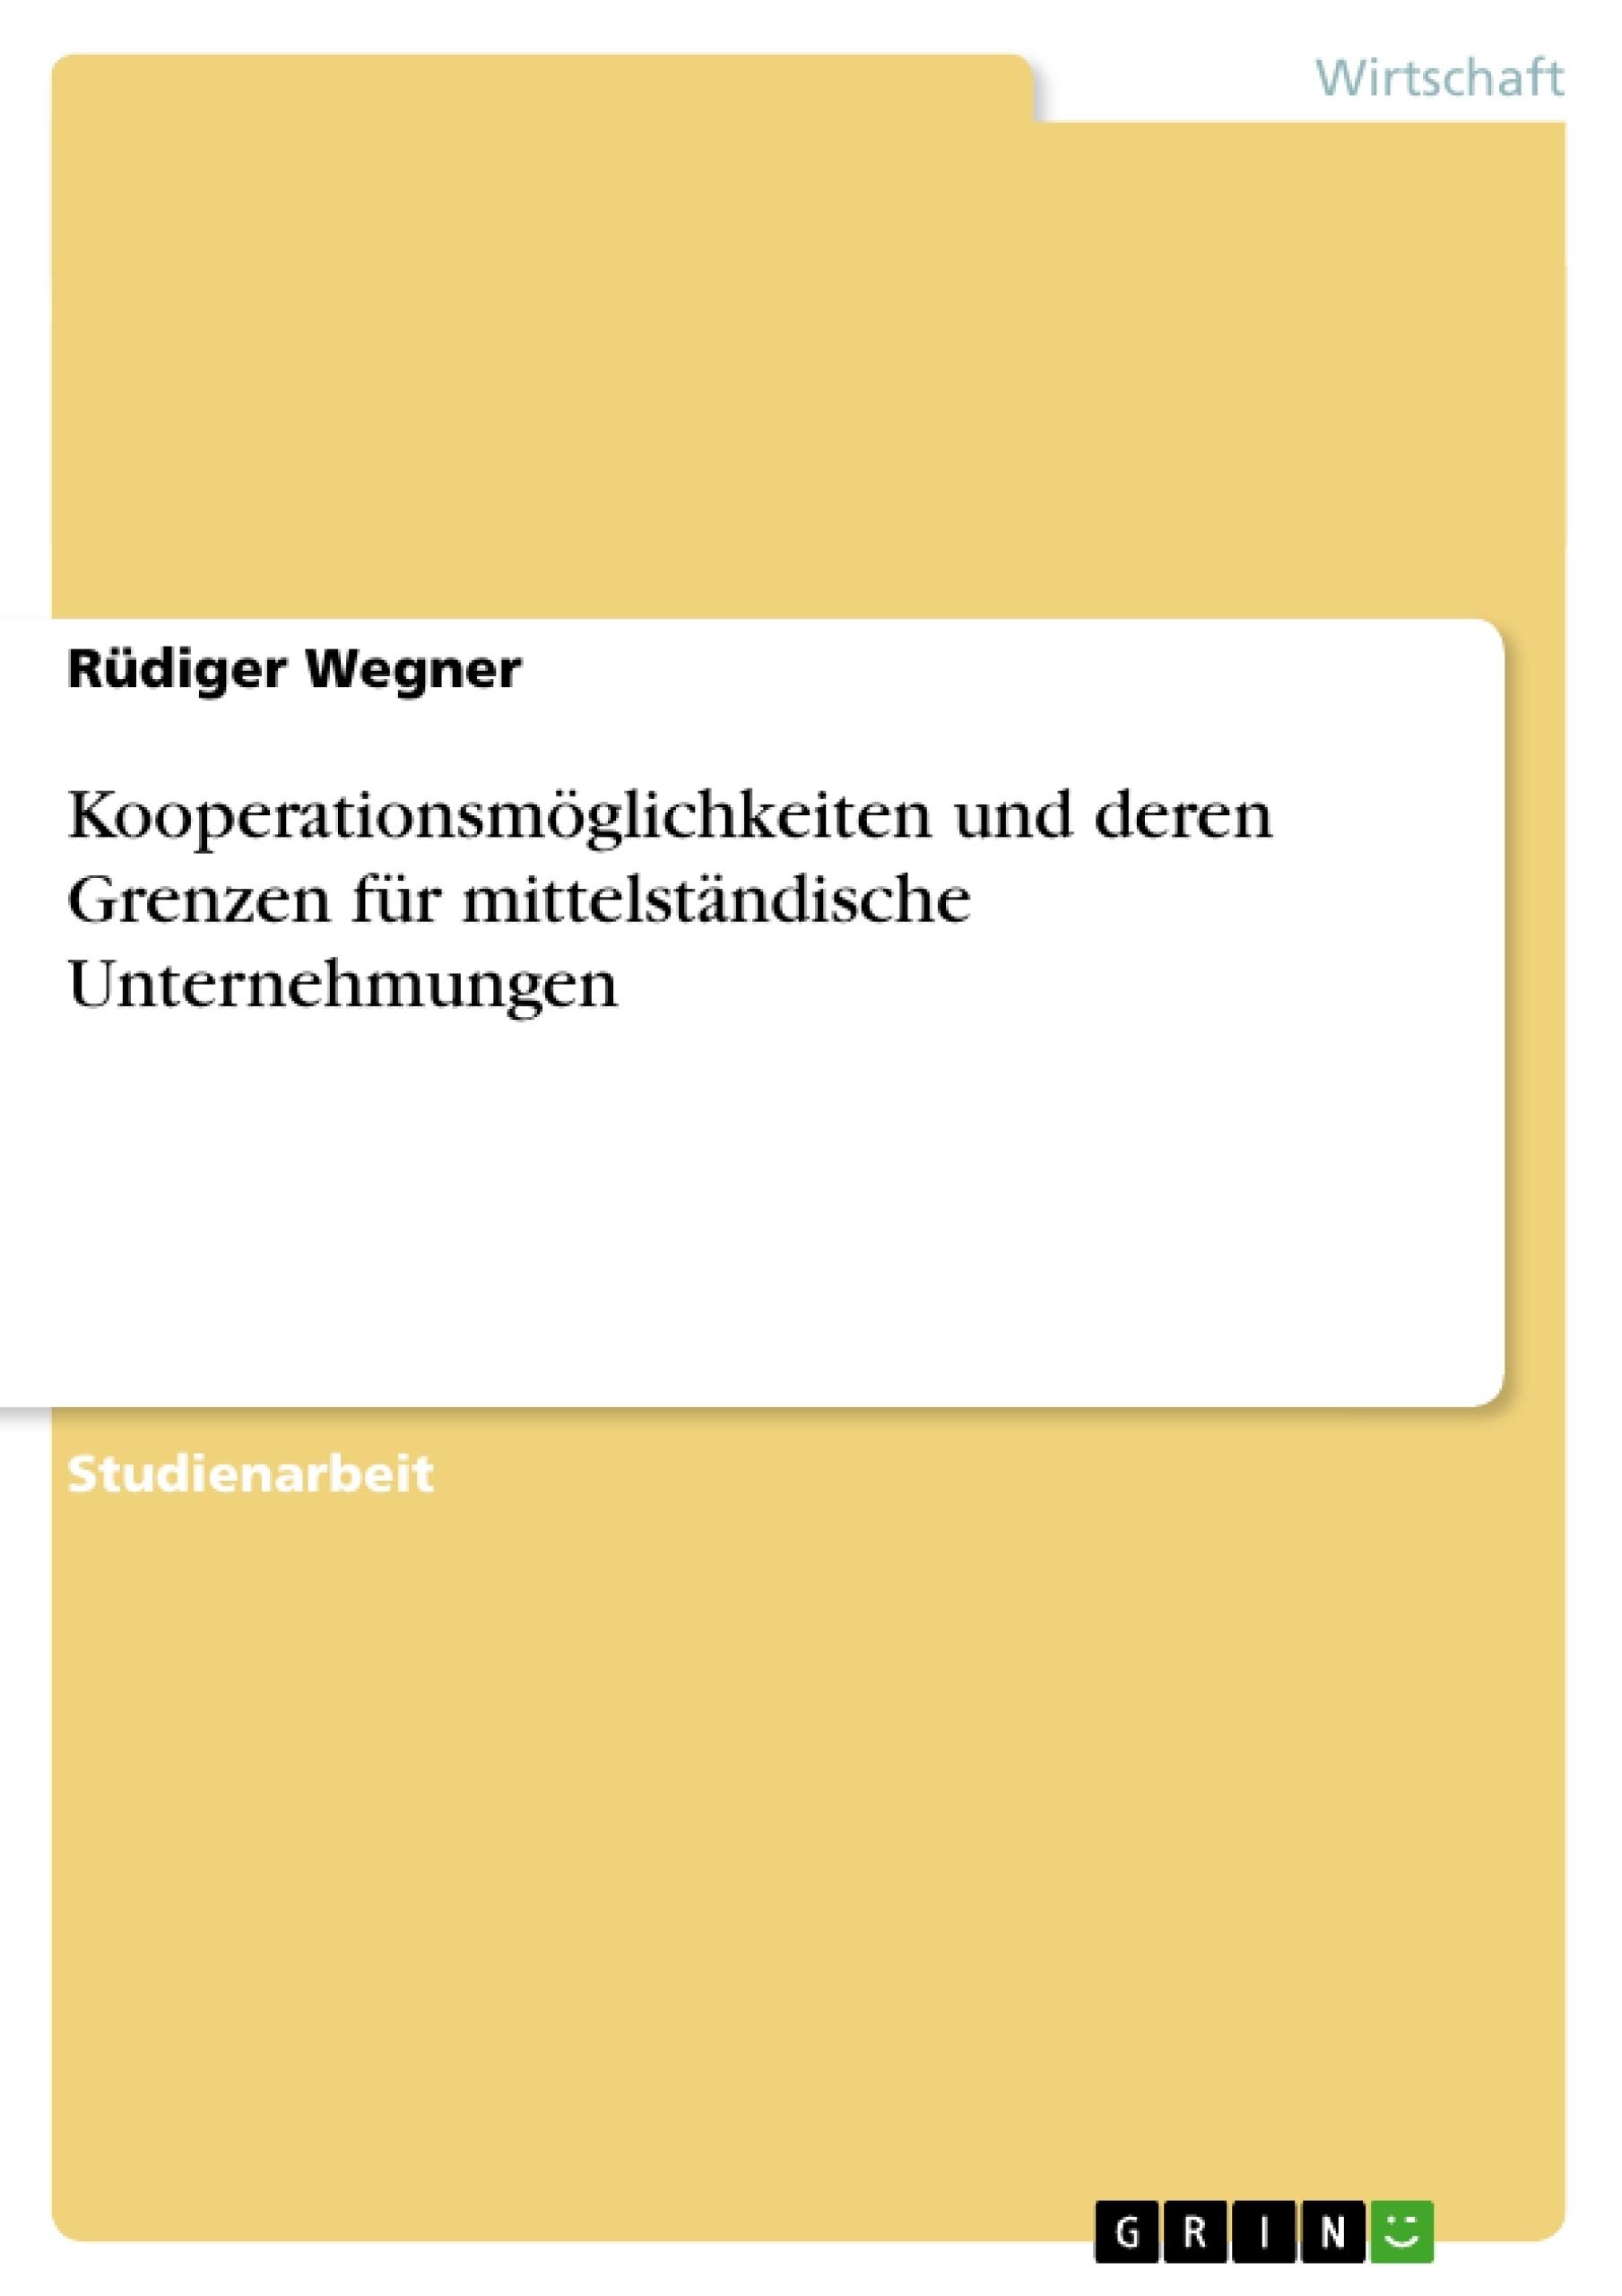 Titel: Kooperationsmöglichkeiten und deren Grenzen für mittelständische Unternehmungen